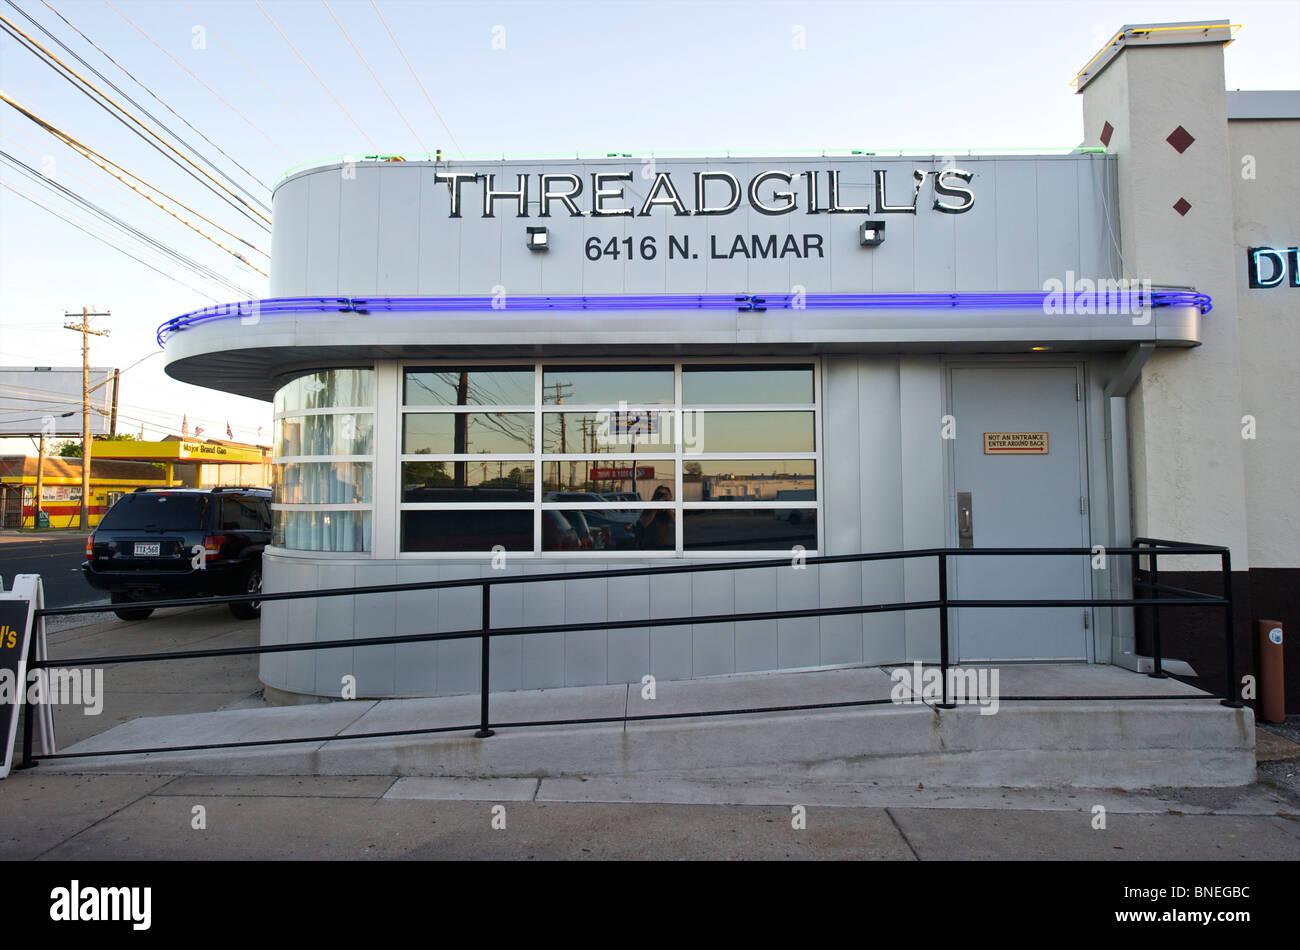 Le fameux Thread gill's Diner Austin, Texas, États-Unis Banque D'Images